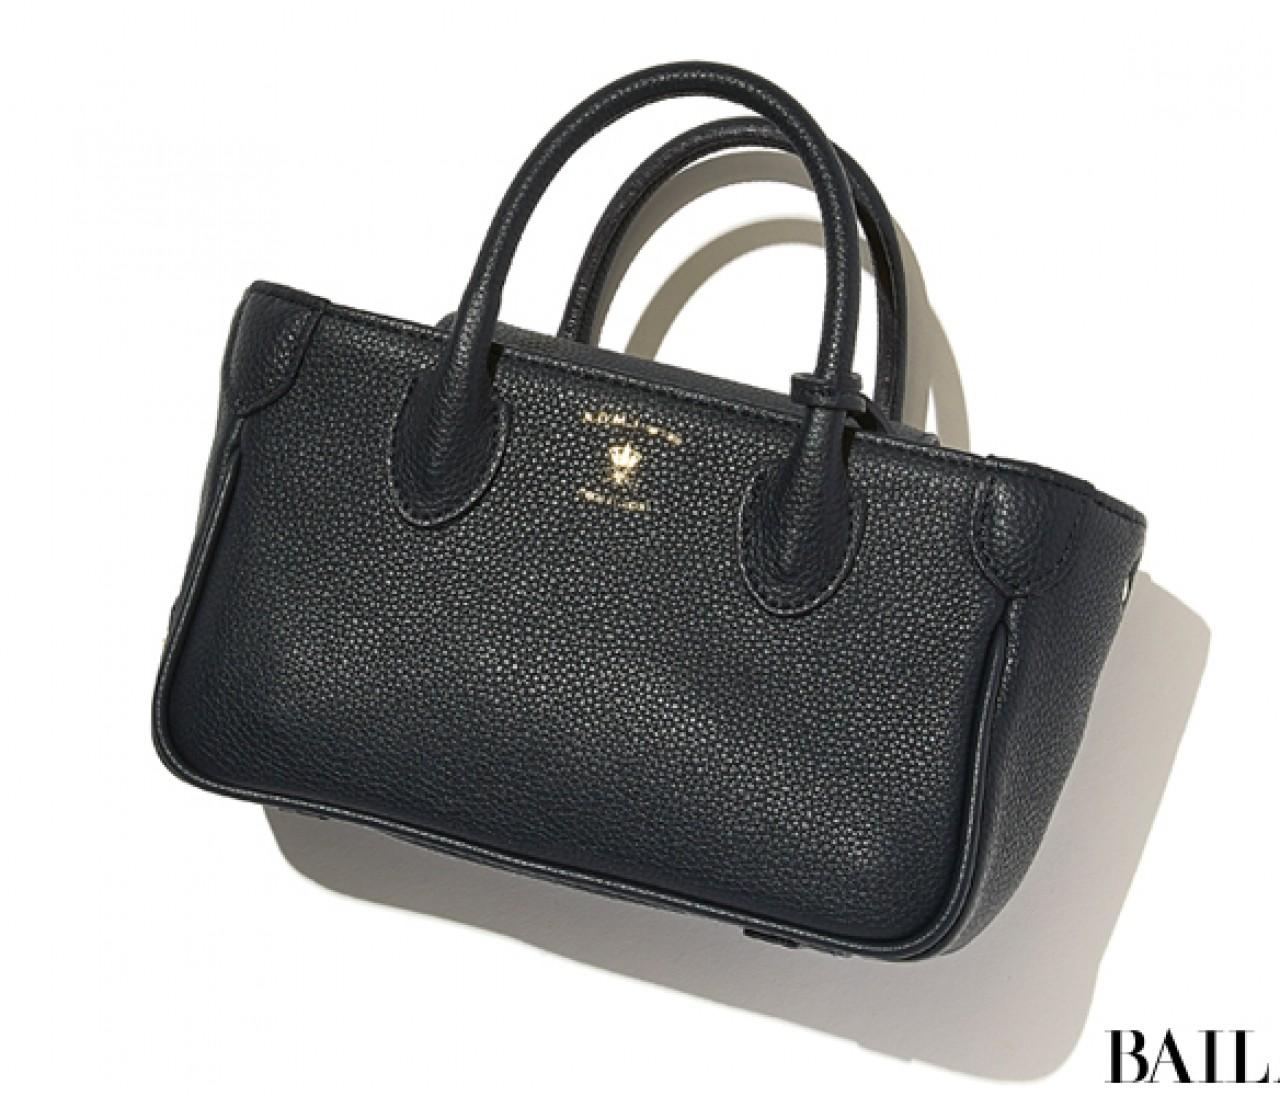 【愛されちびバッグ11選】女らしさアップ! アクセ感覚のスモールバッグ